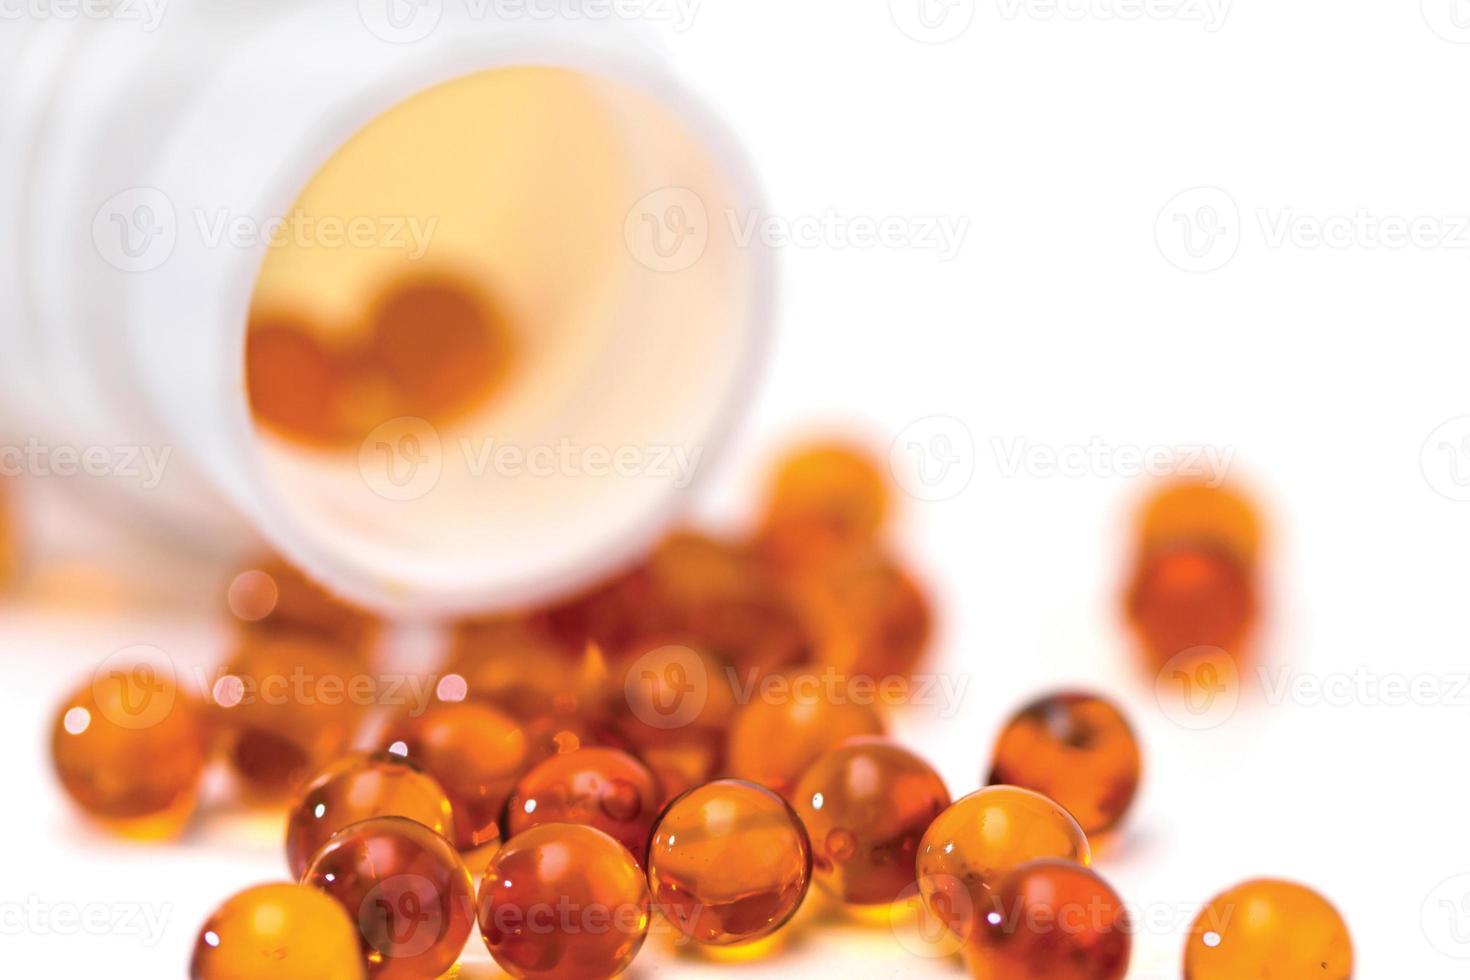 medicamentos recetados, pastillas para el dolor y botella de medicamentos foto